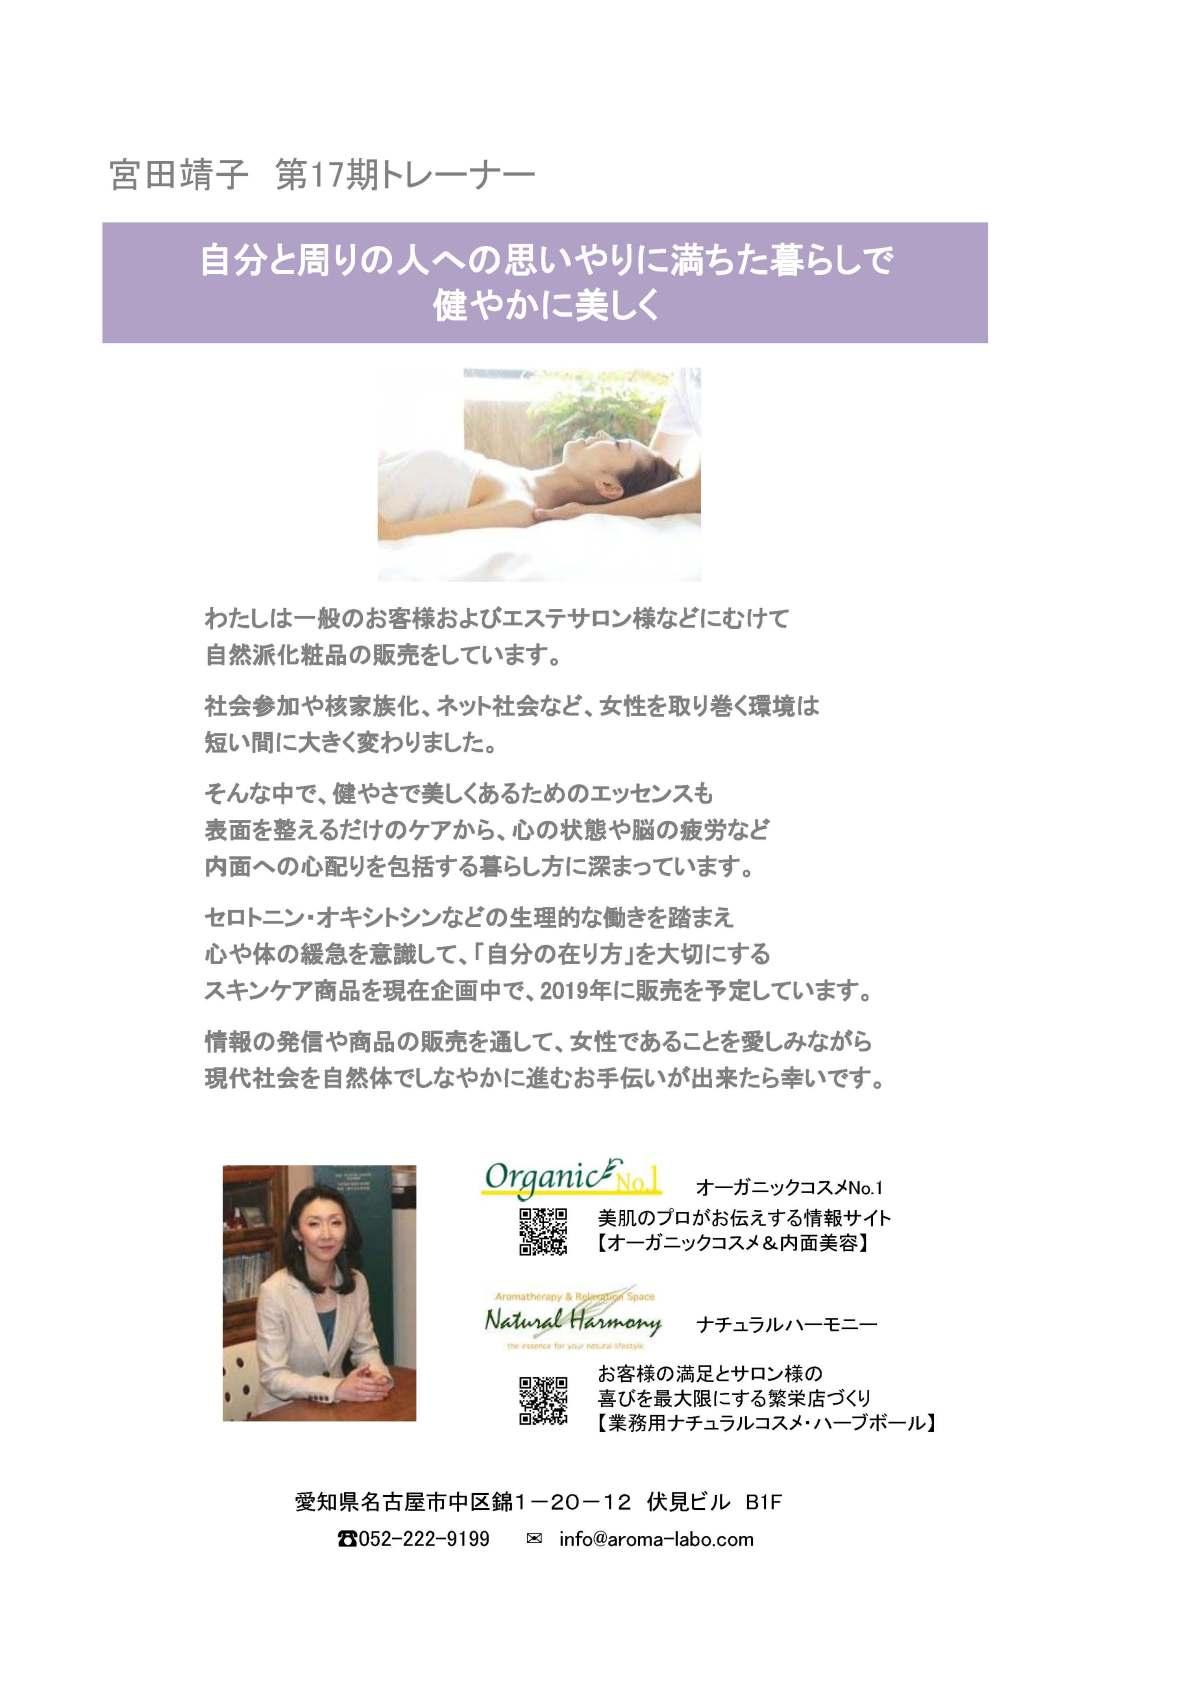 07miyatayasuko